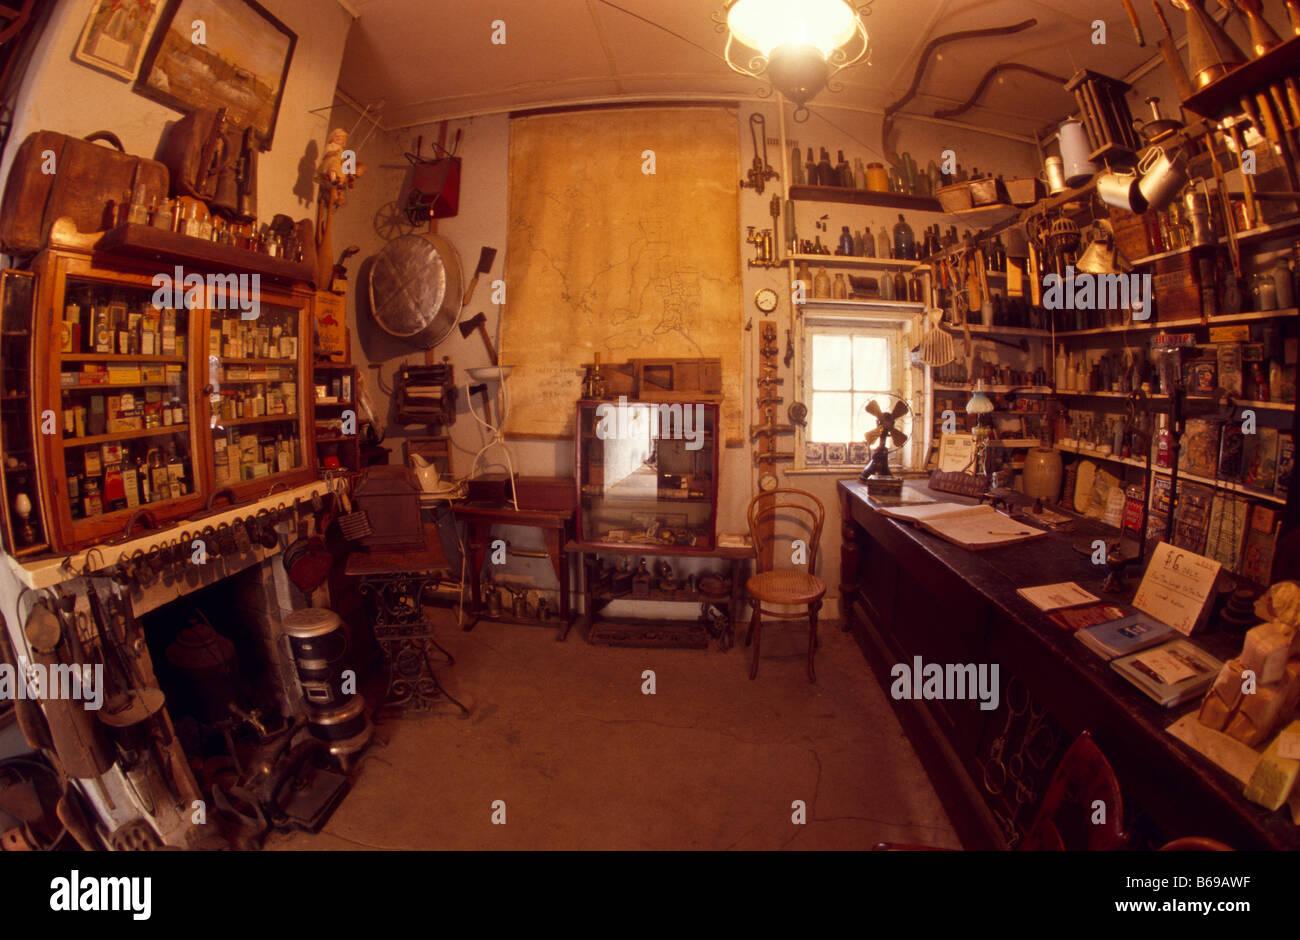 Tienda de réplicas en museo, Morgan, Sth Australia Imagen De Stock